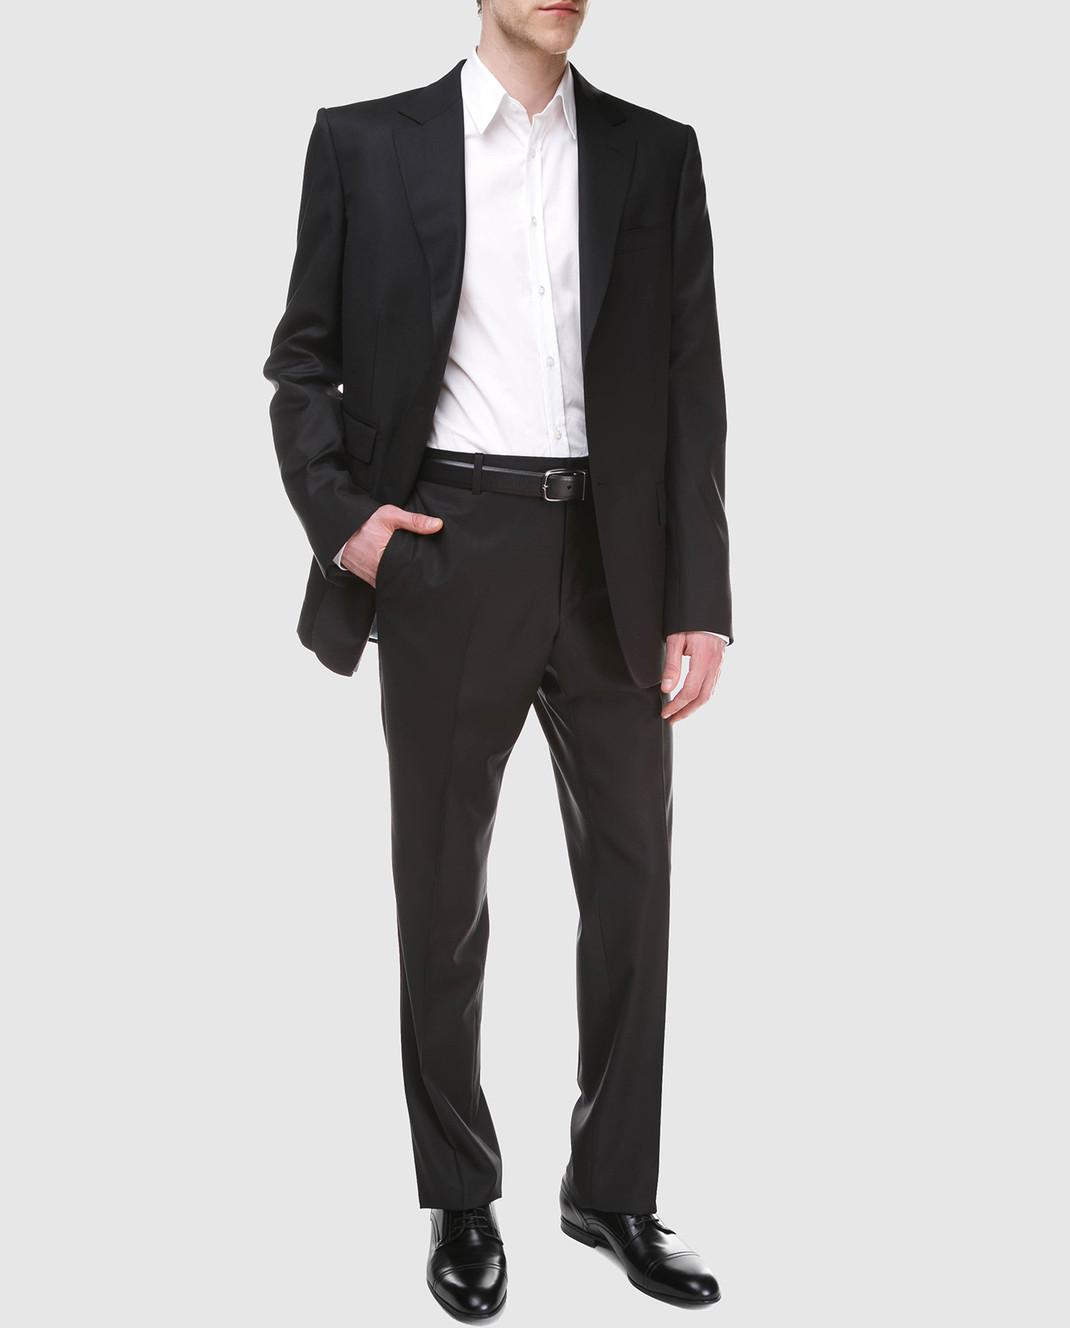 Gucci Черный костюм 450542 изображение 2